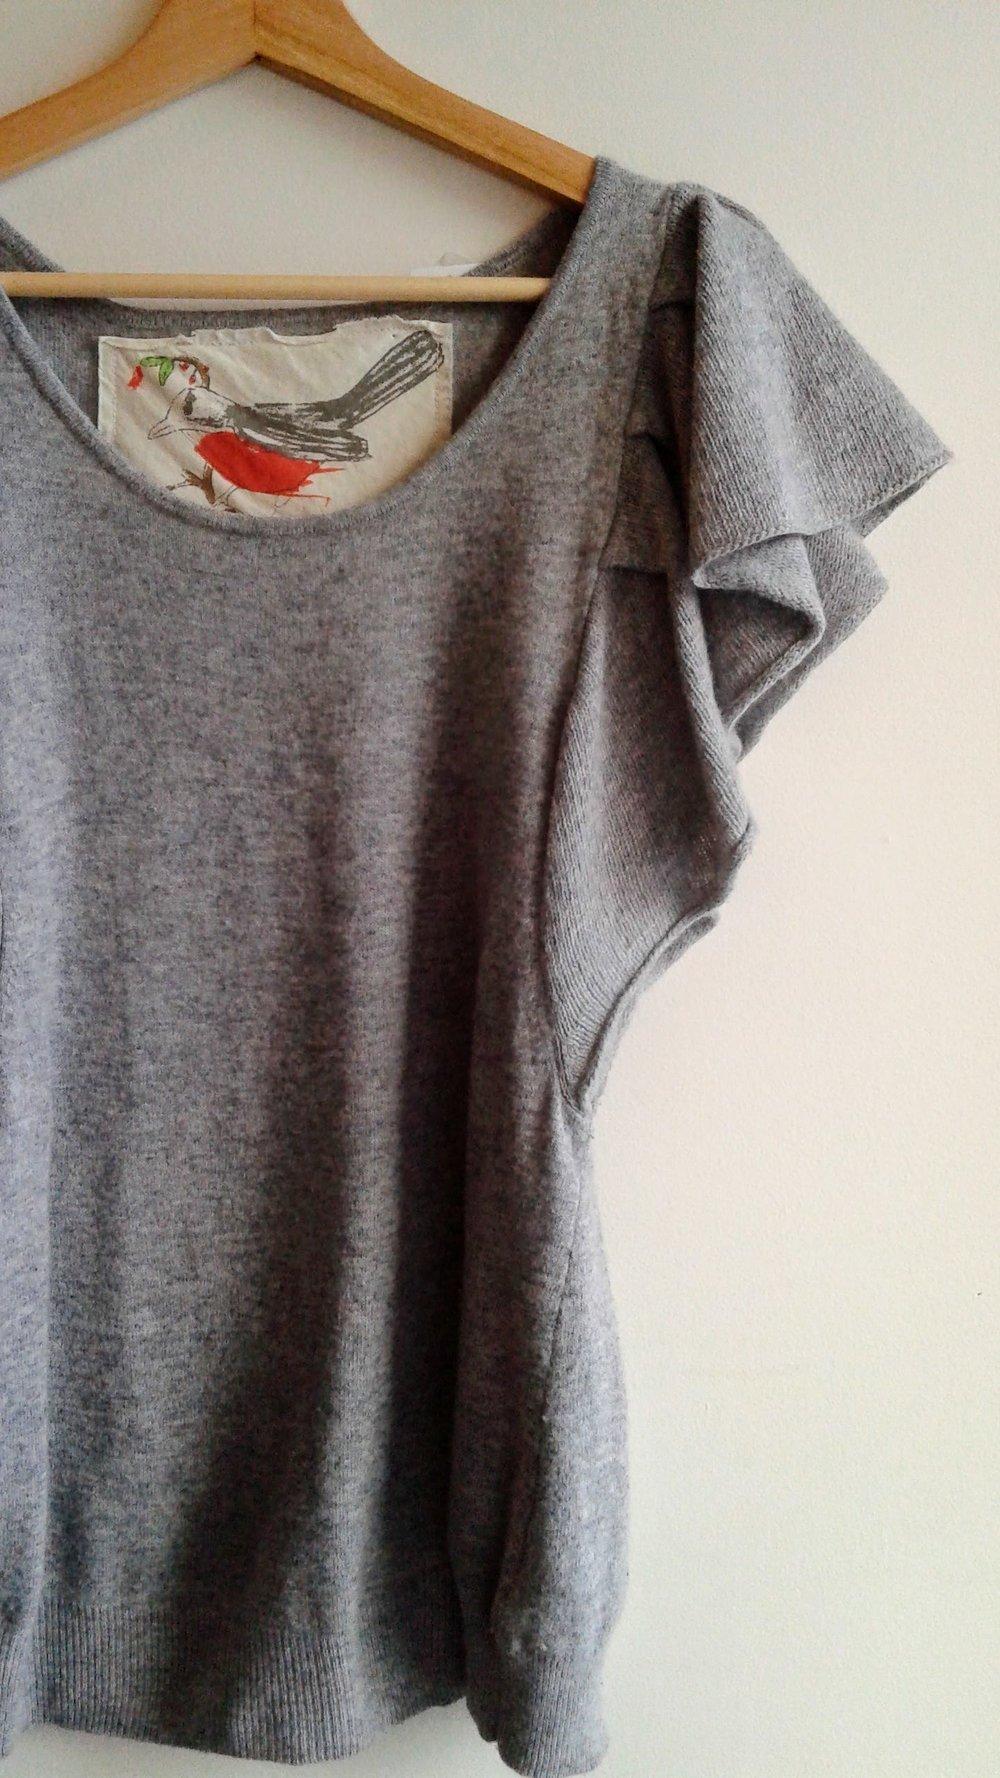 Robin shirt; Size M, $24